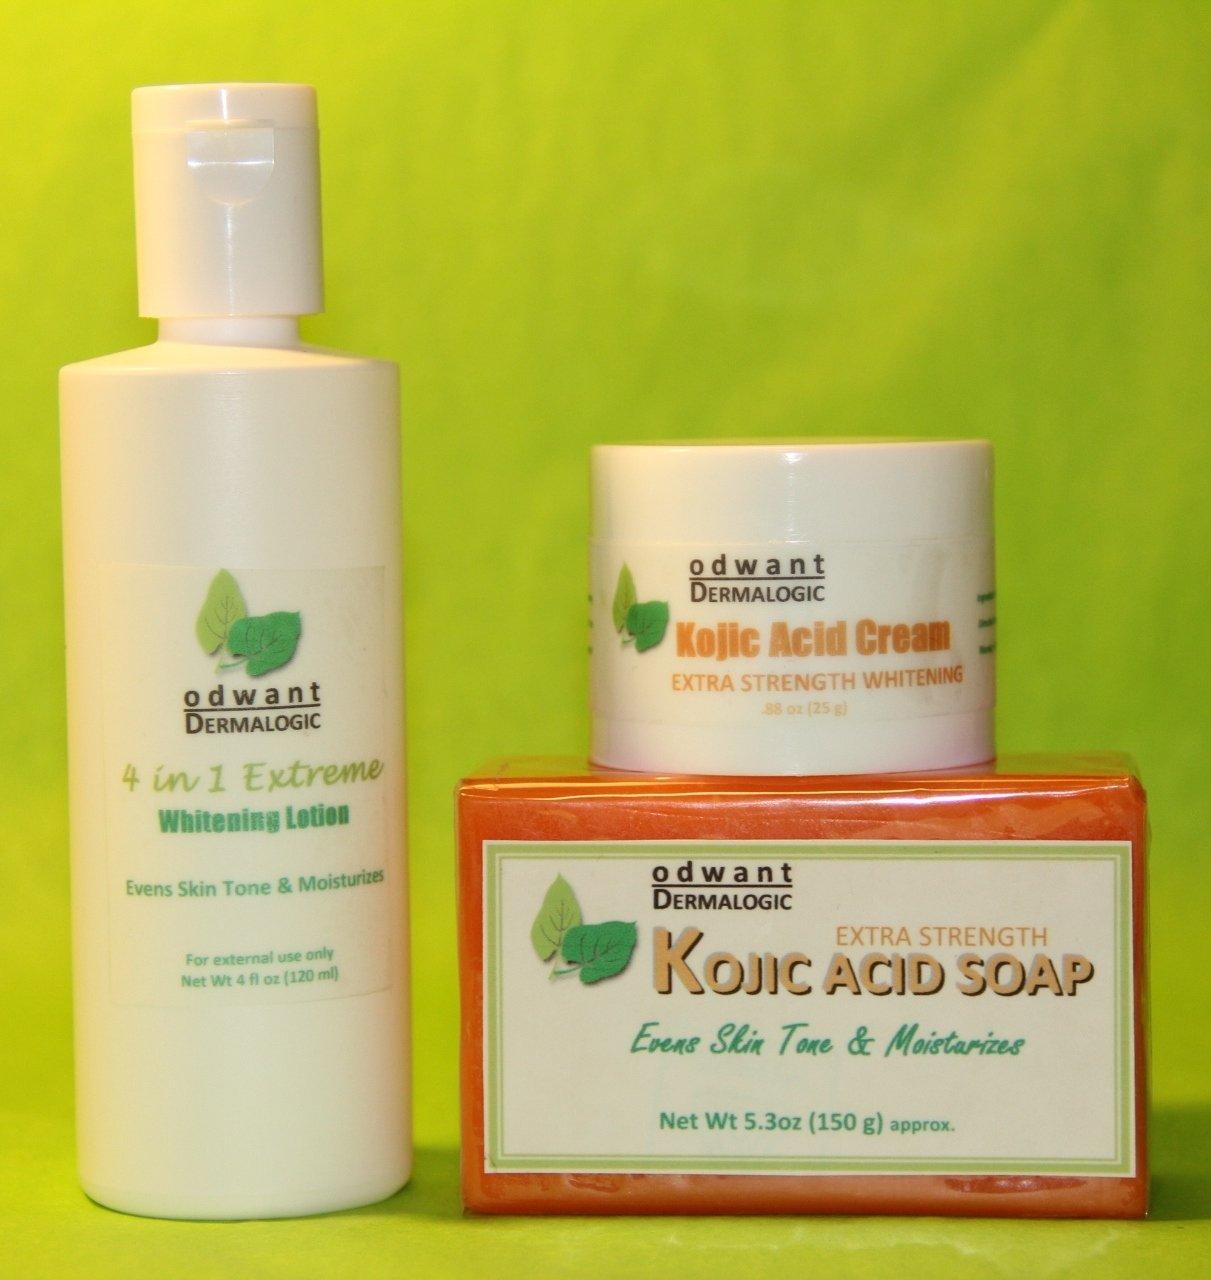 Kojic Acid Soap 4in1 Lotion Skin Whitening Lightening Set